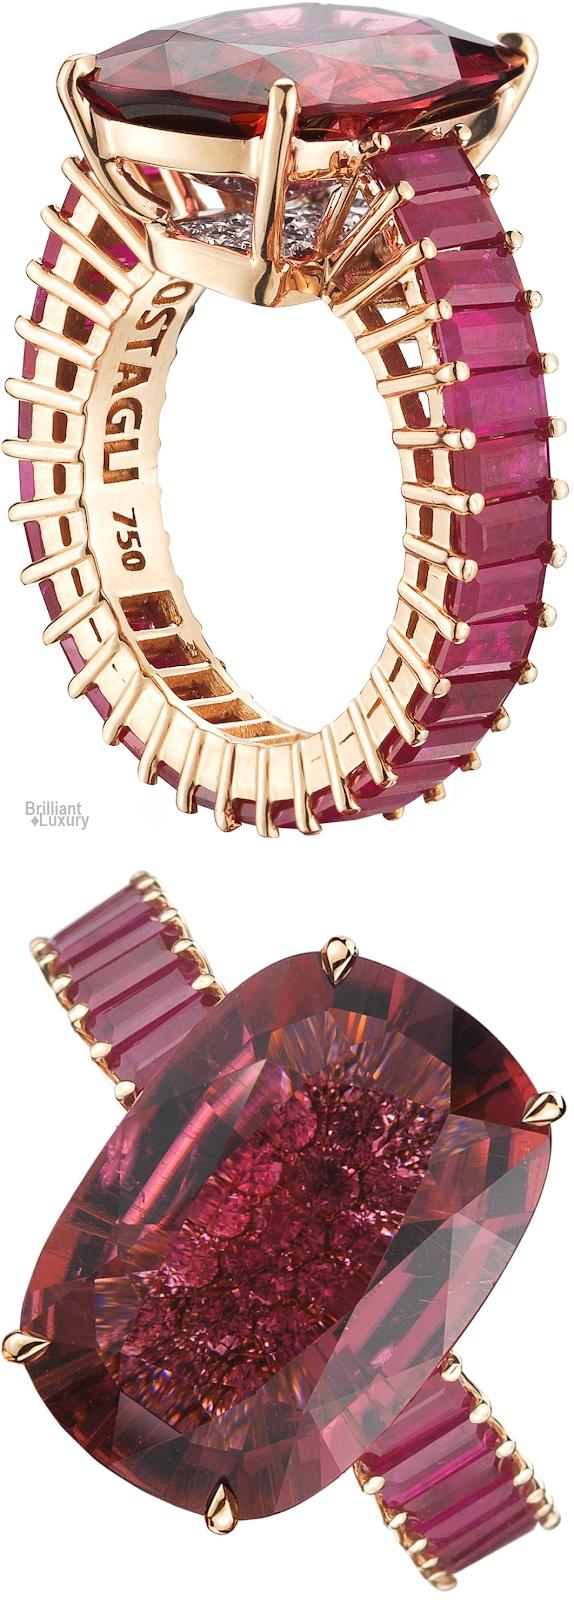 Brilliant Luxury♦Paolo Costagli 18ct Rose Gold Cushion-Cut Rubellite Tourmaline Eternita Ring ~ Rubellite tourmaline 10,19 ct, Rubies 5,53 ct and Diamonds 0.34 ct